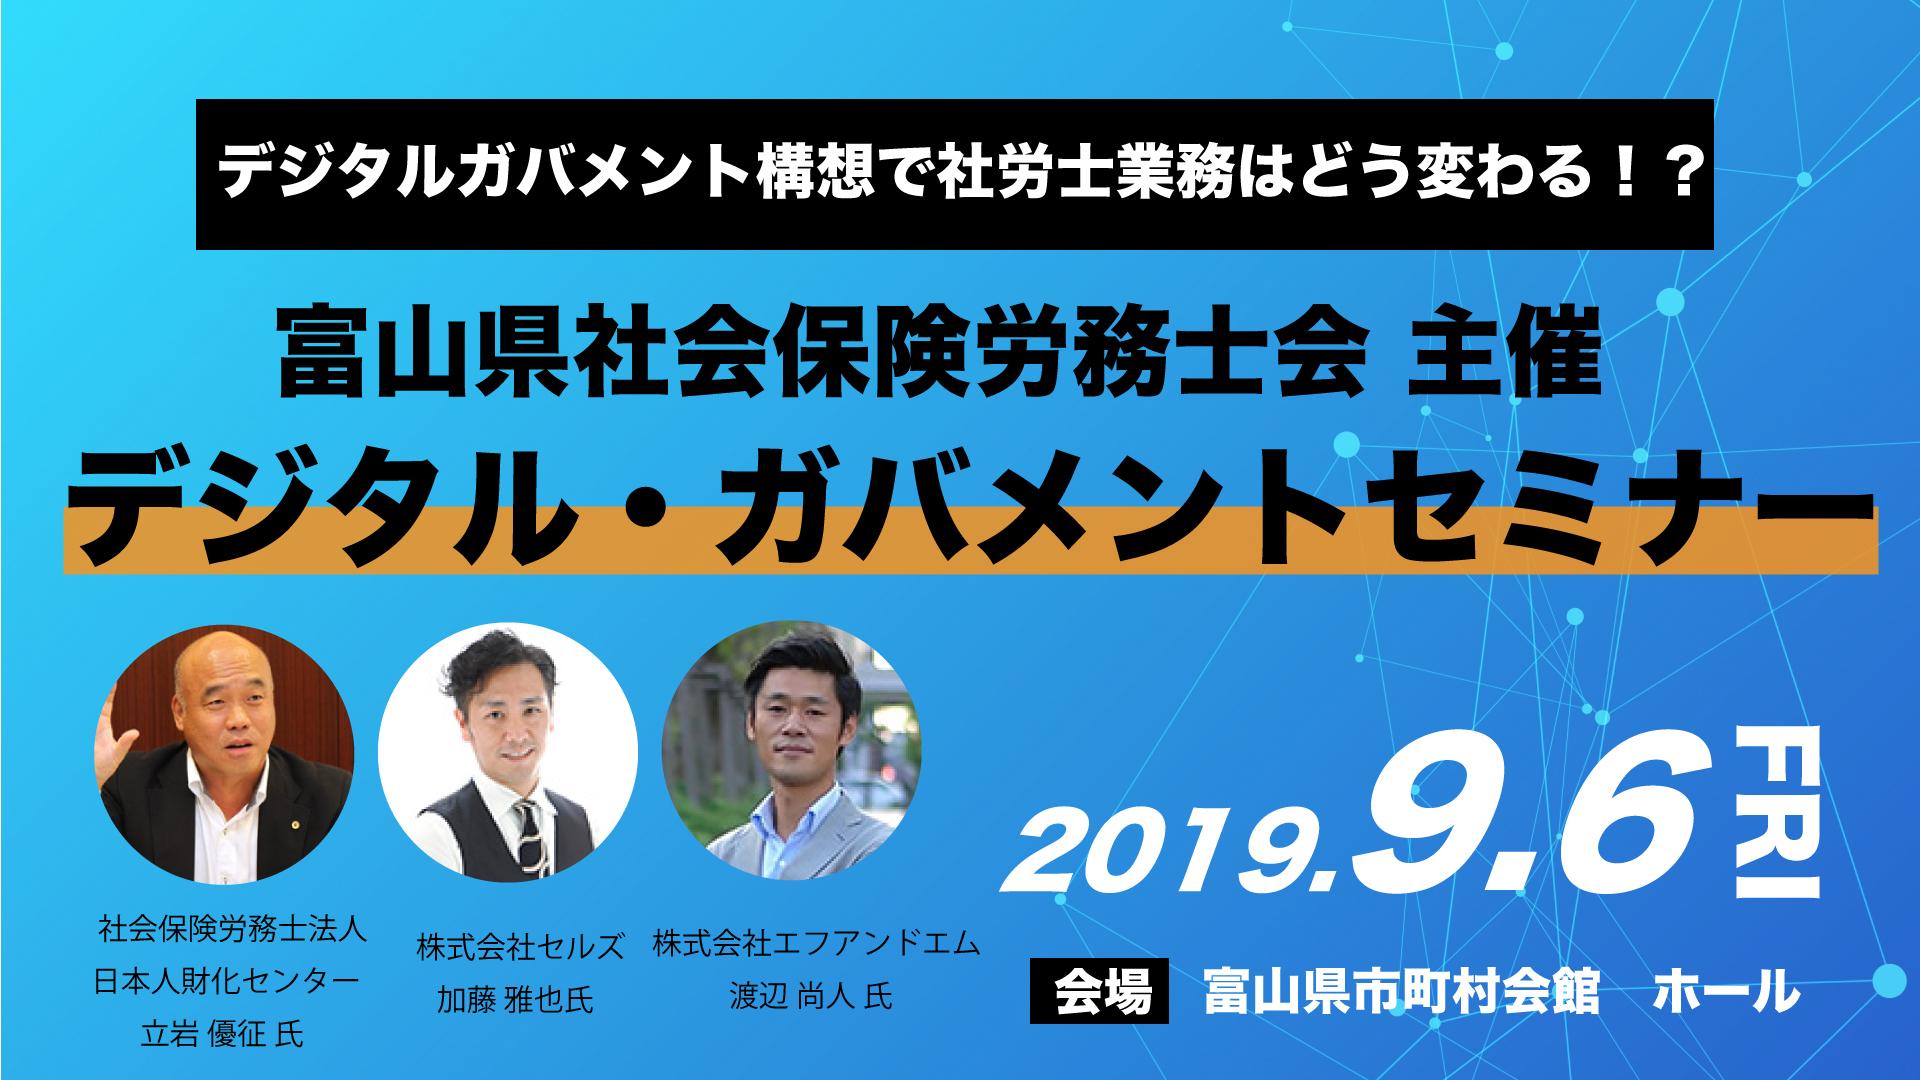 2019年8月の夏季休業のお知らせ